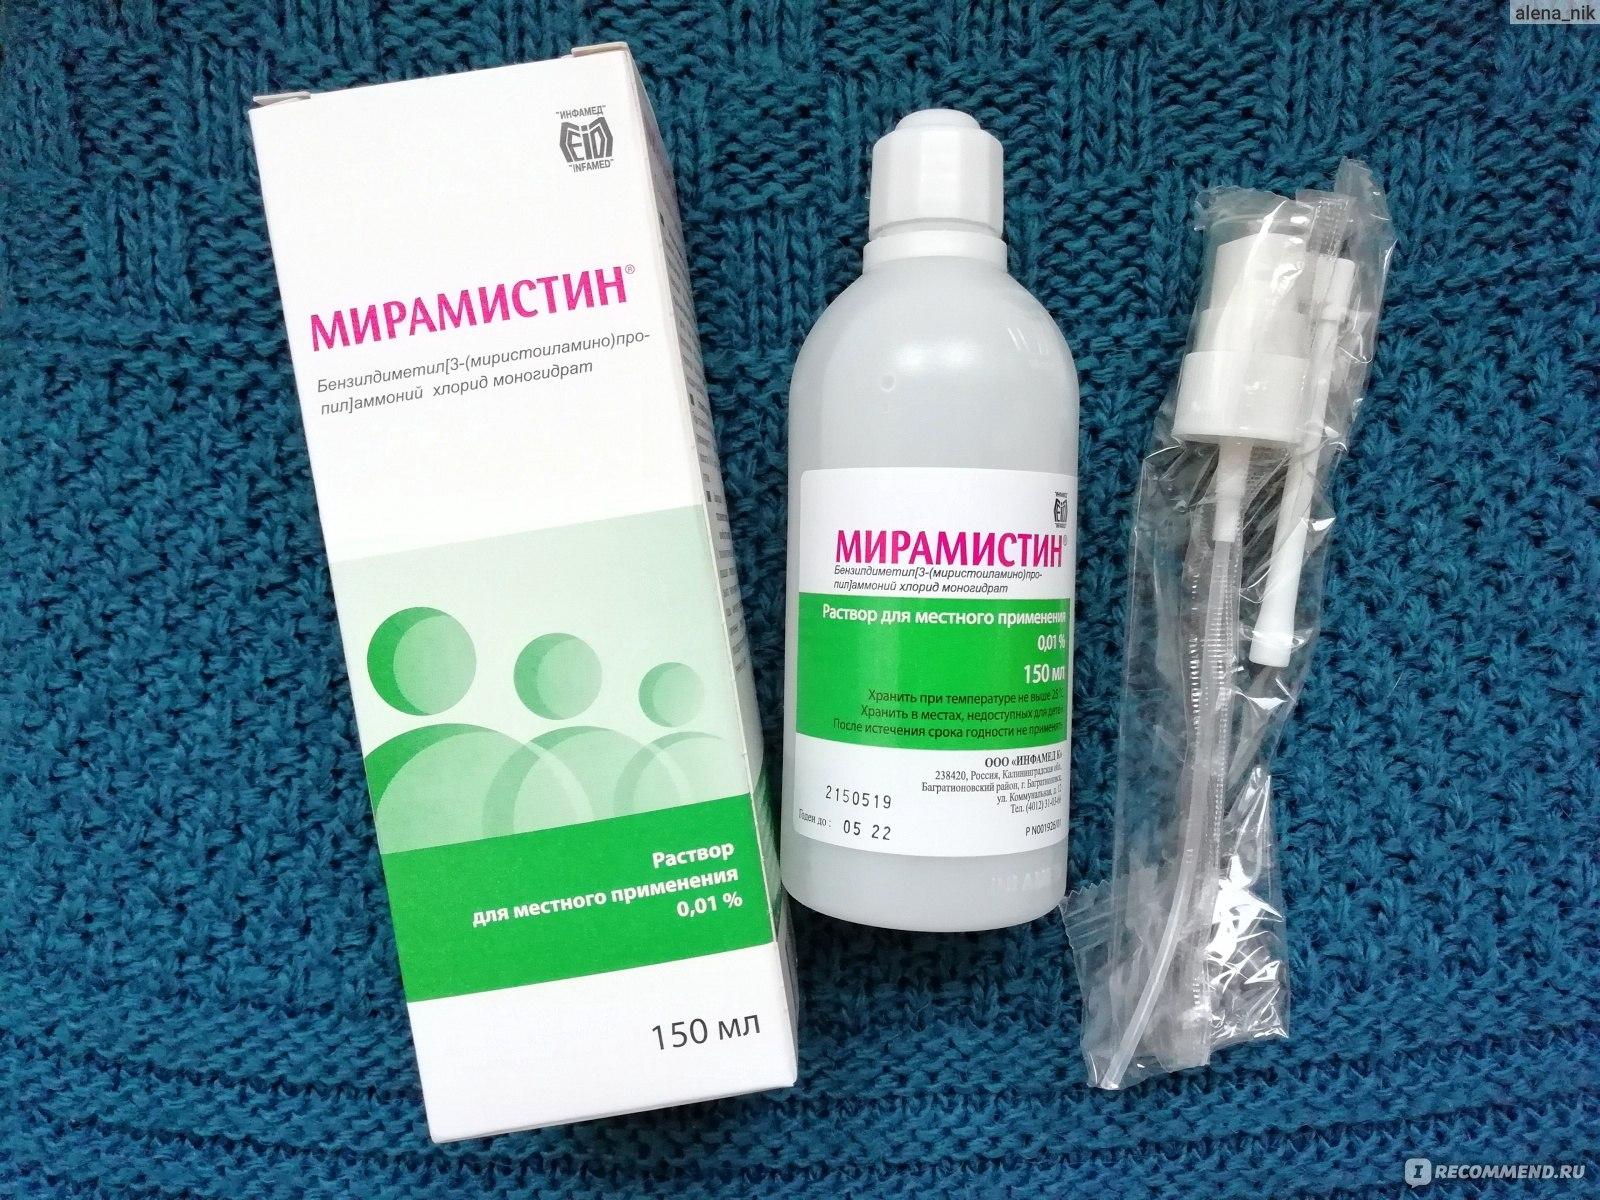 Мирамистин лечит простатит хронический простатит 4 категории